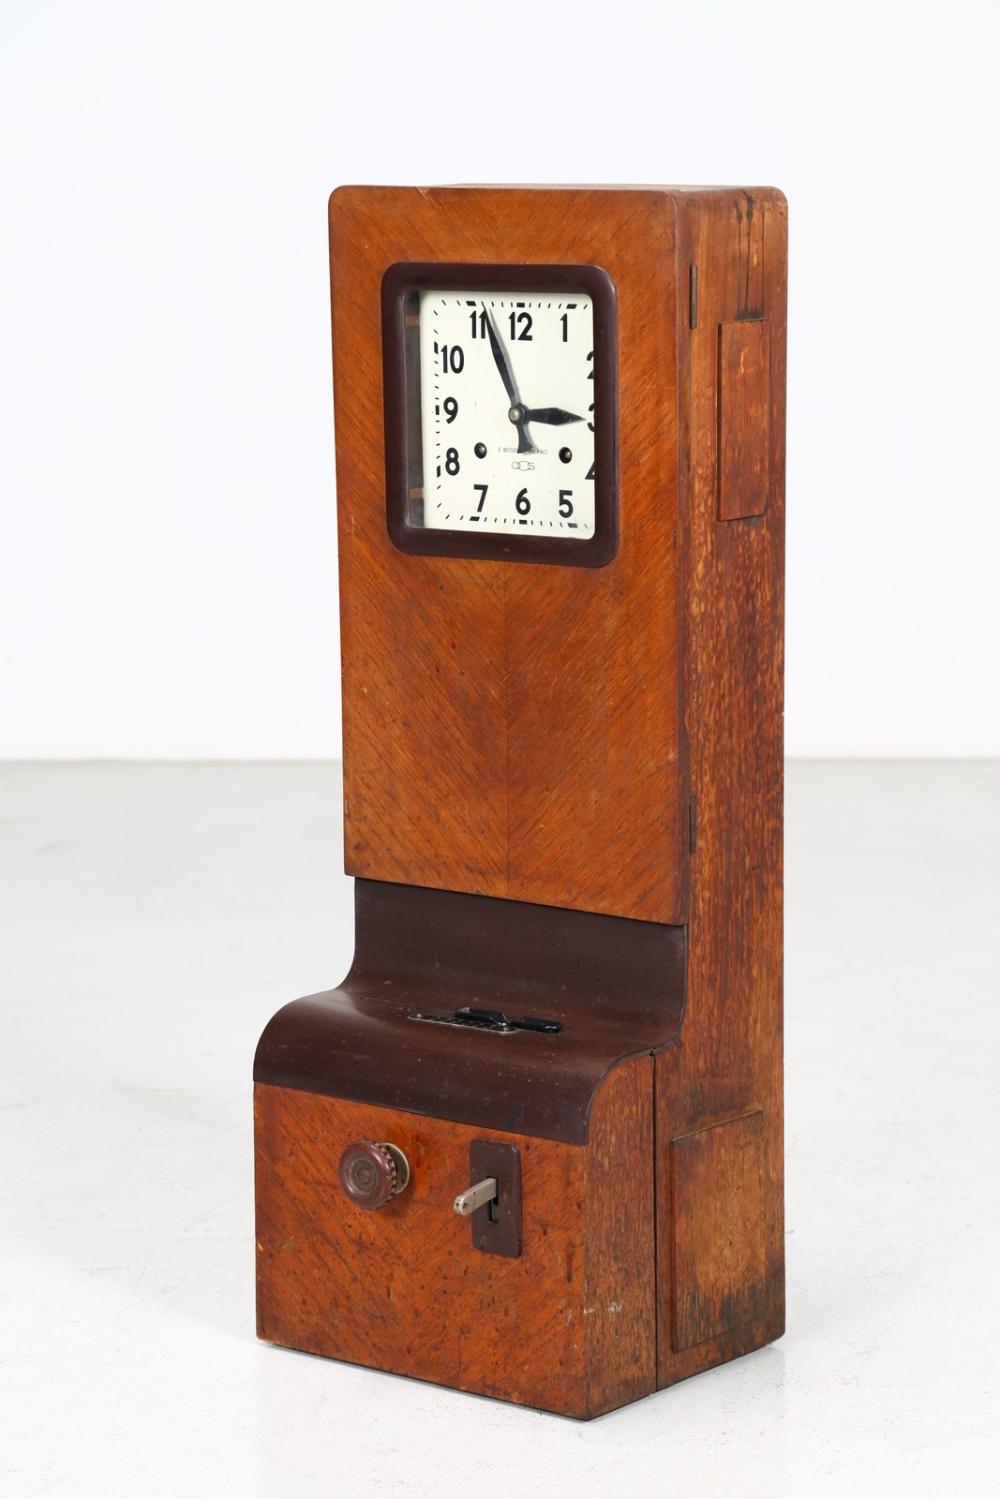 PONTI GIO' (1891 - 1979) Employee control clock